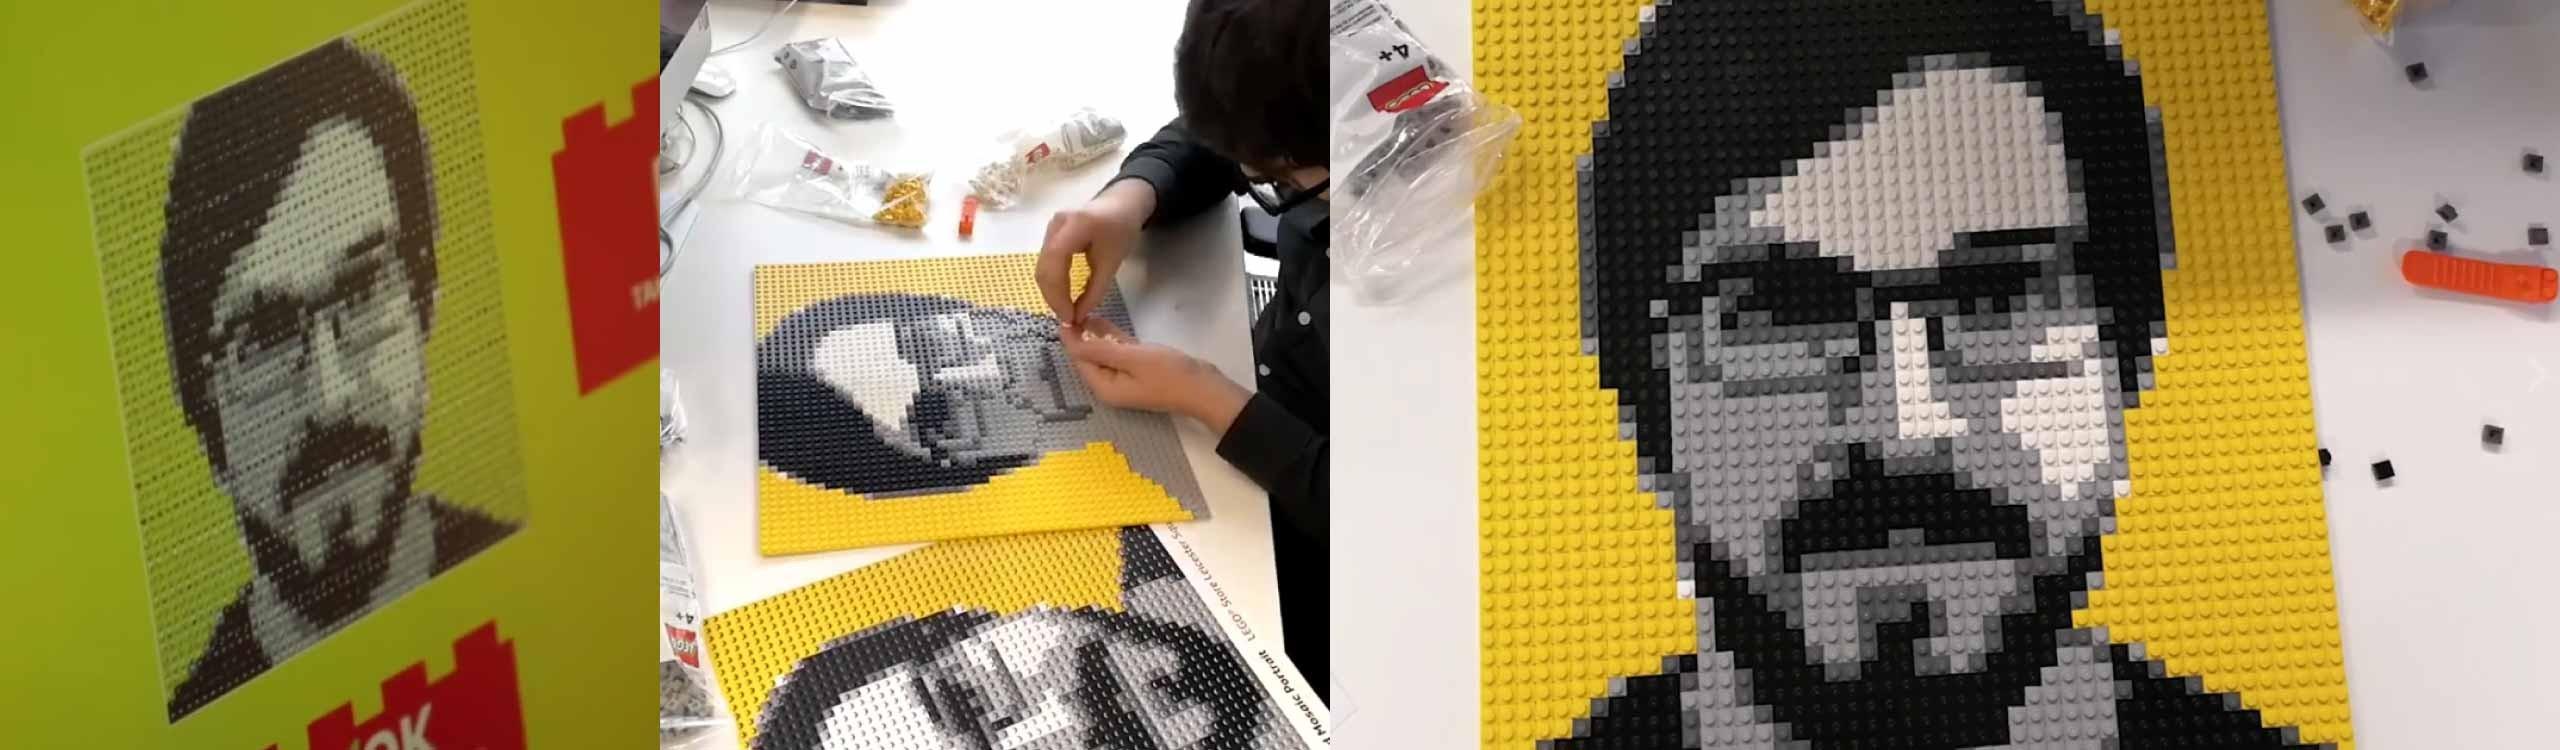 lego inventa una máquina que te hace una foto y la convierte en un puzzle para que lo hagas en casa